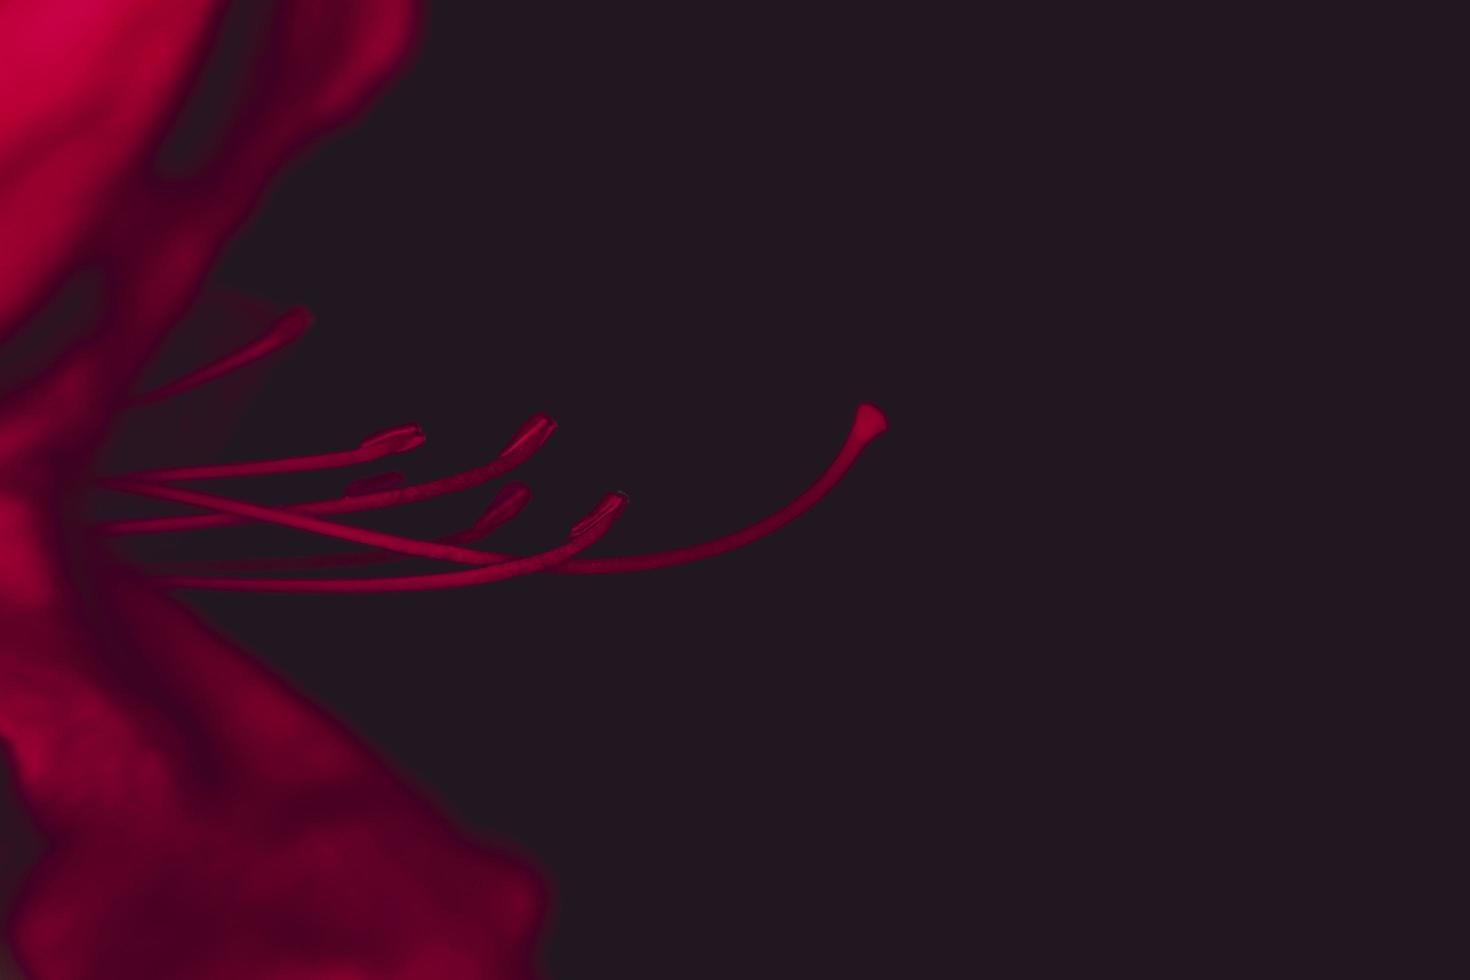 azalea bloemmeeldraad foto